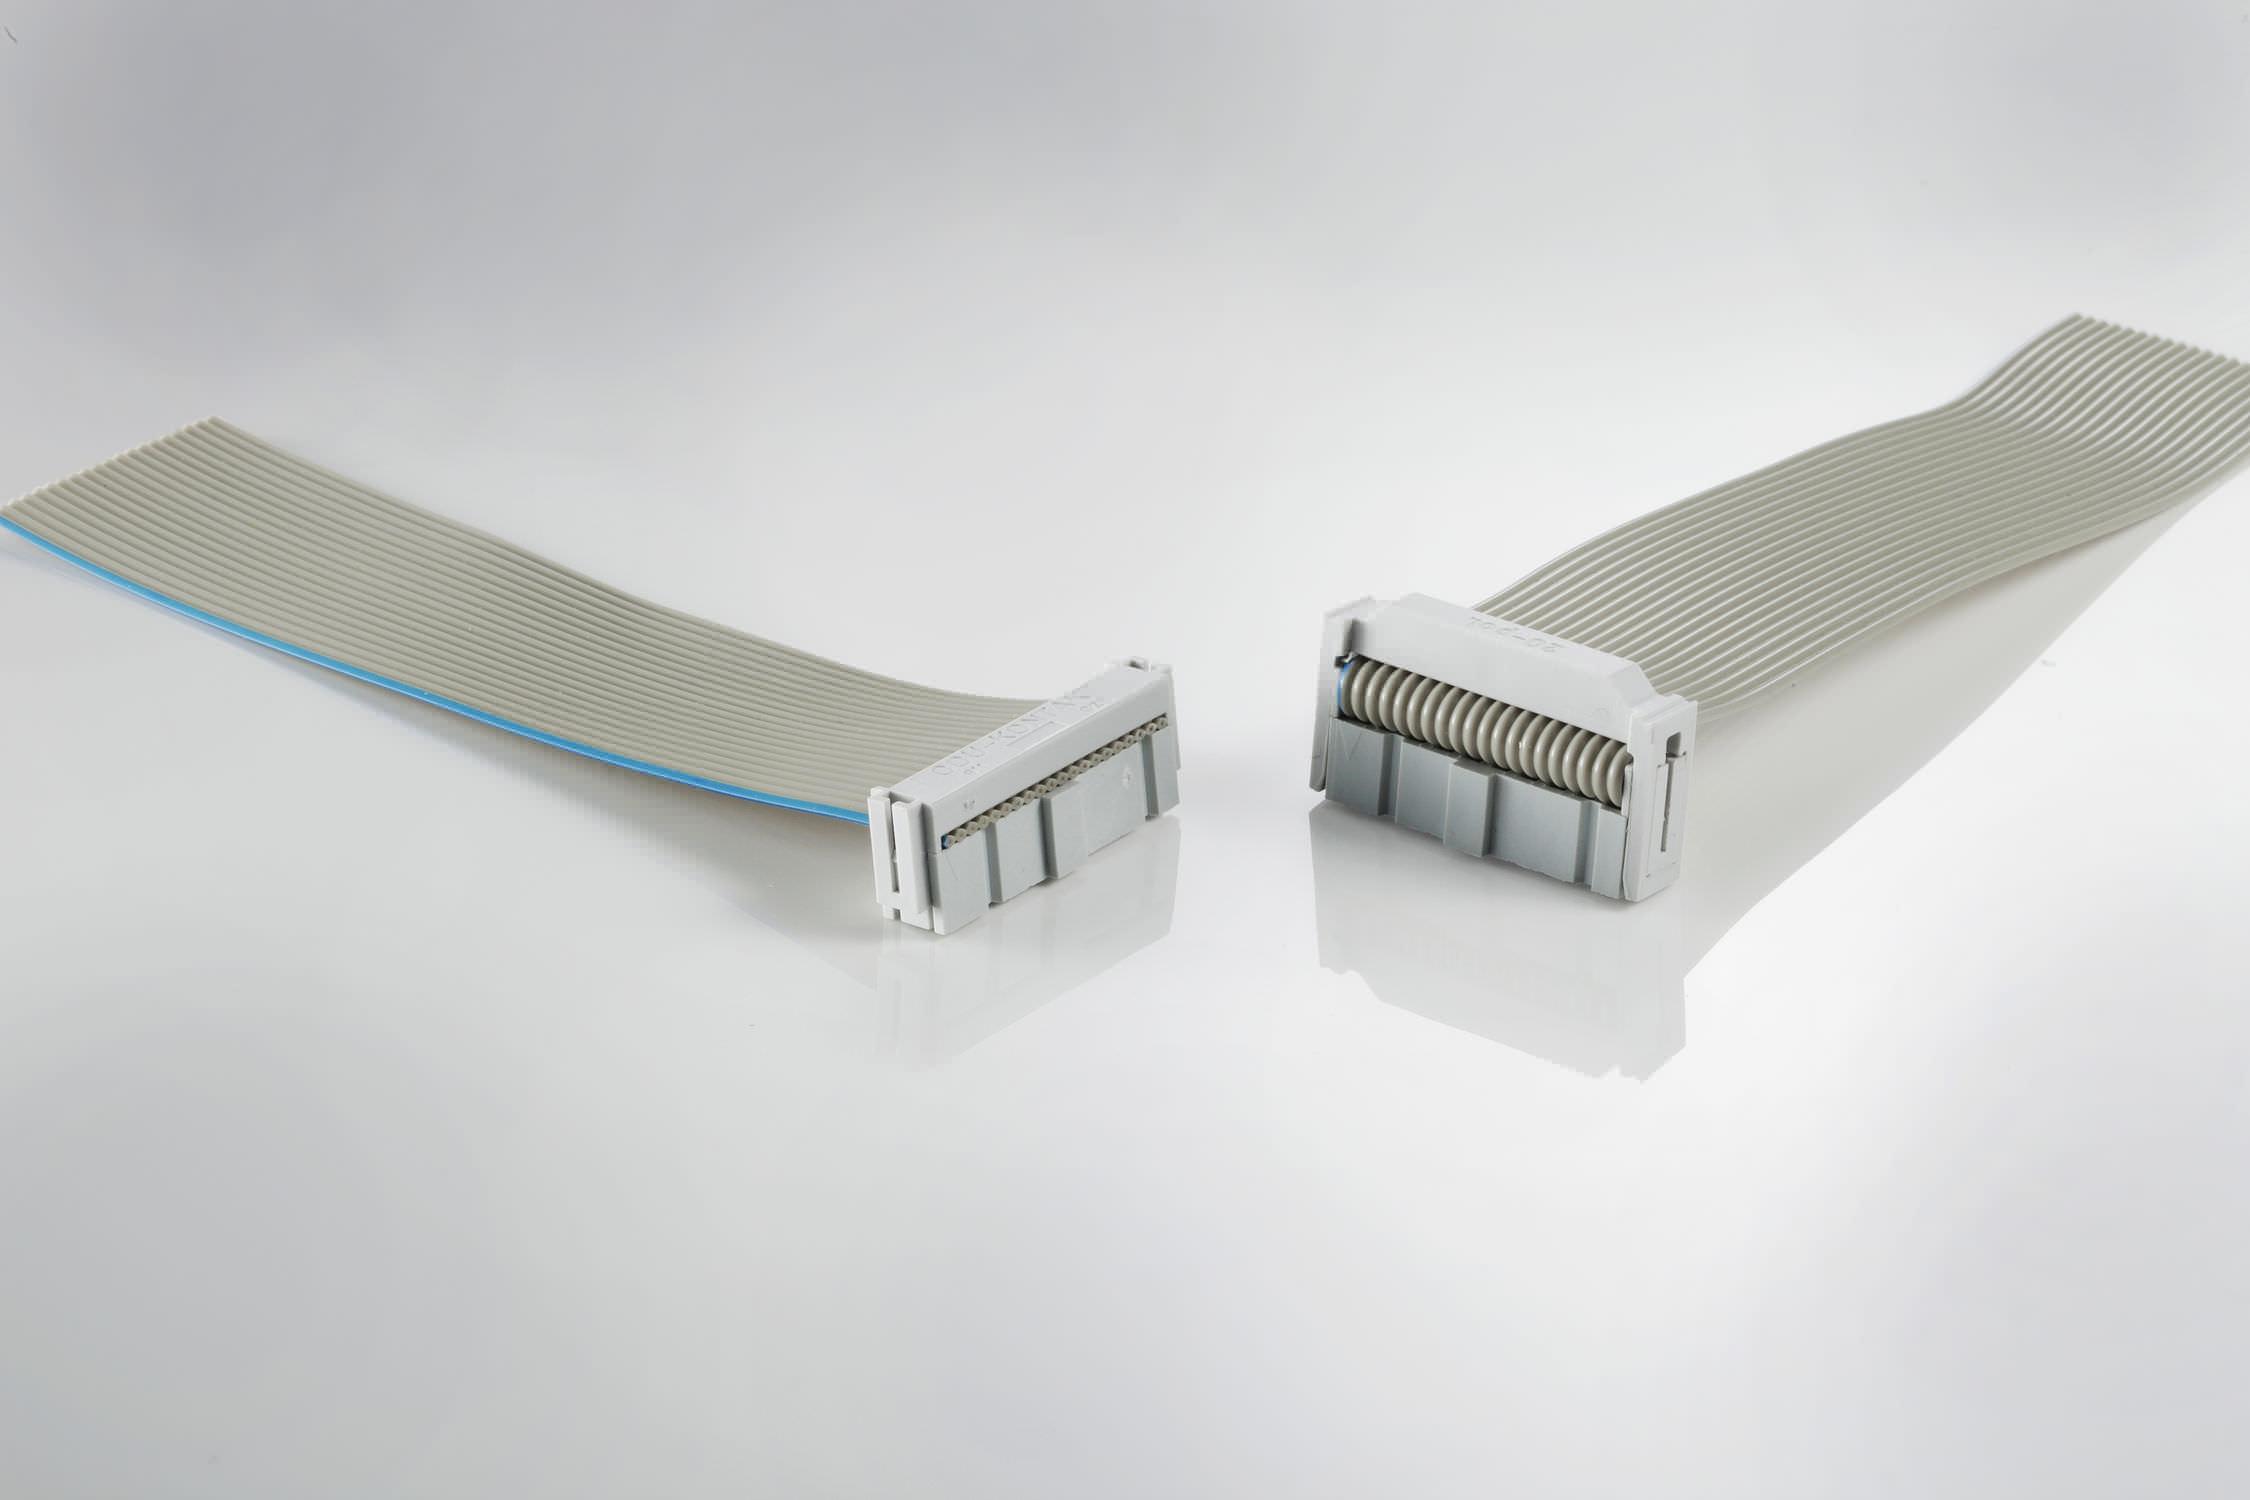 Board connector / IDE / SMT / wire-to-board - ODU FLAKAFIX - ODU ...